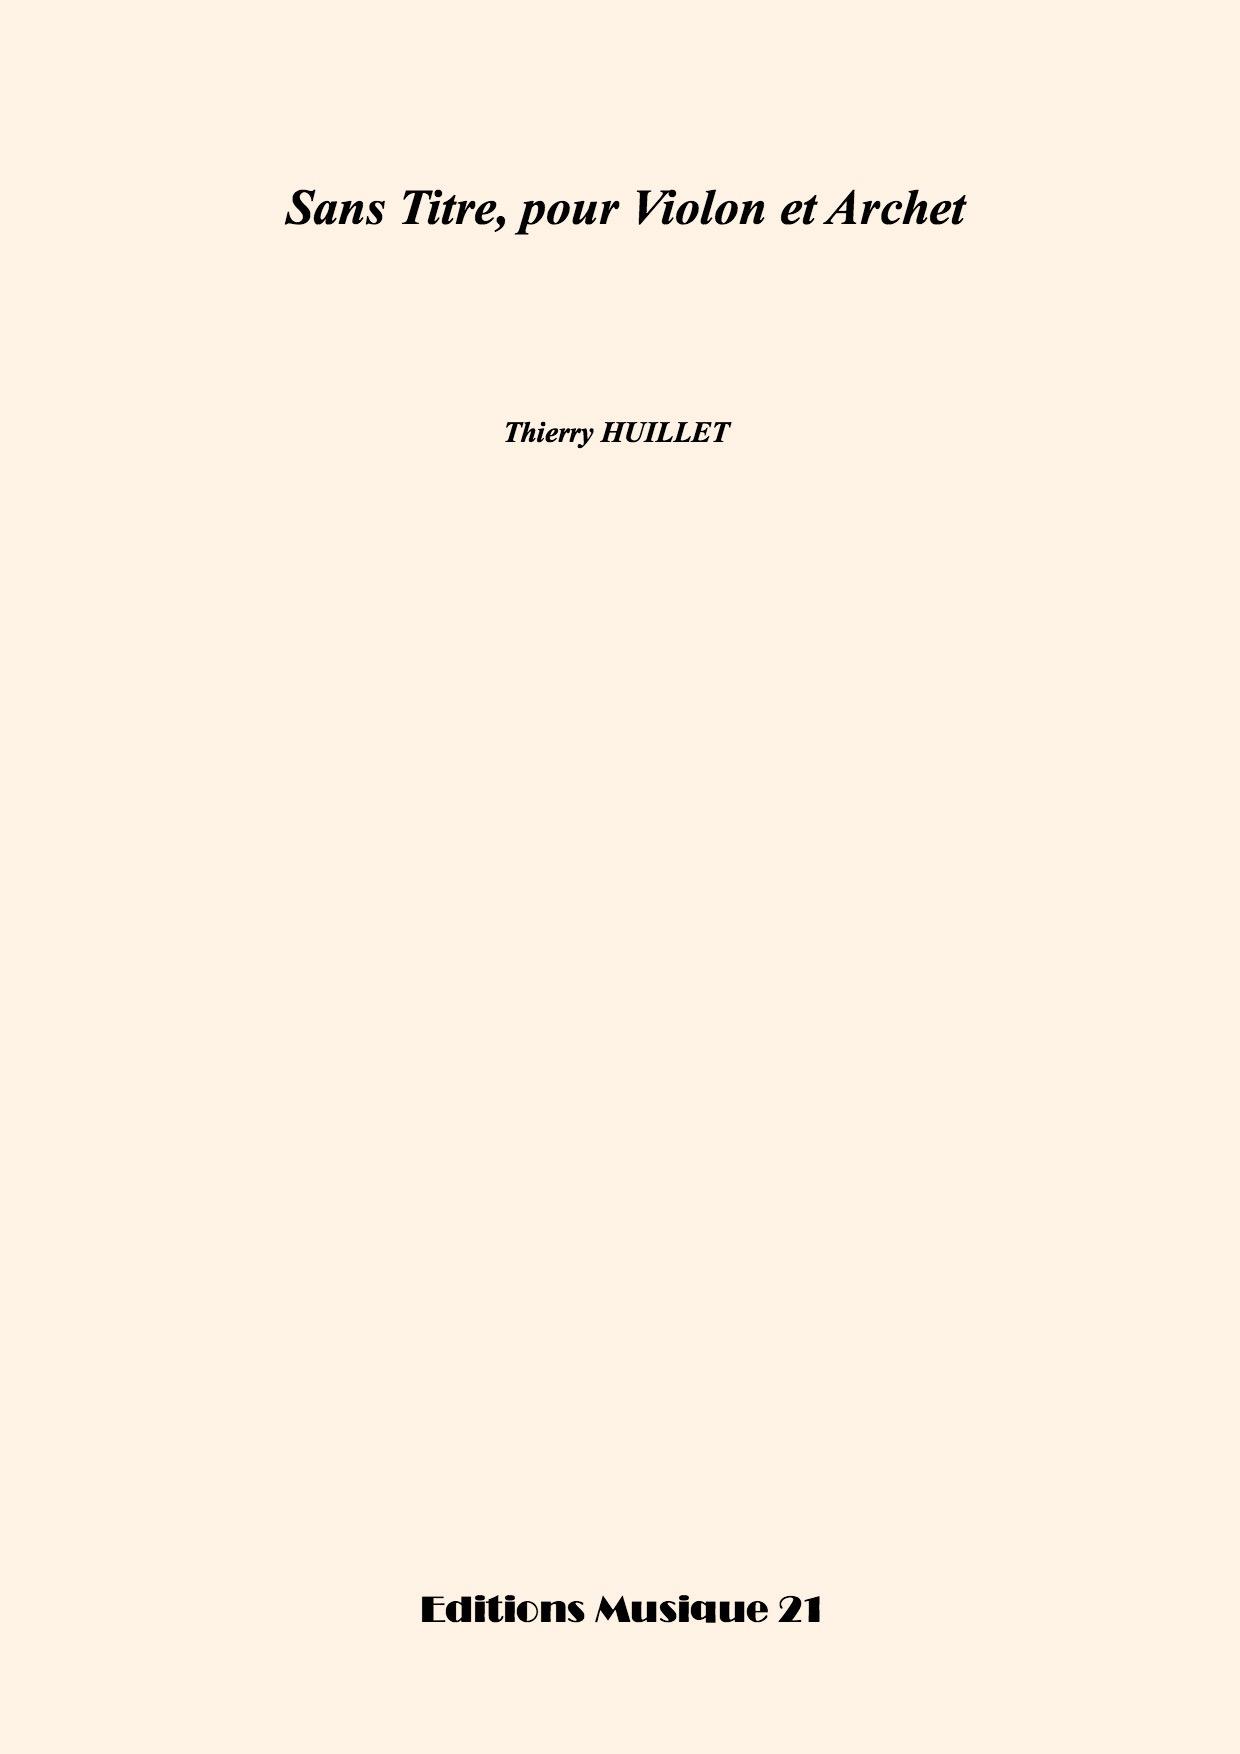 Thierry HUILLET – Sans Titre Pour Violon Et Archet, For Solo Violin